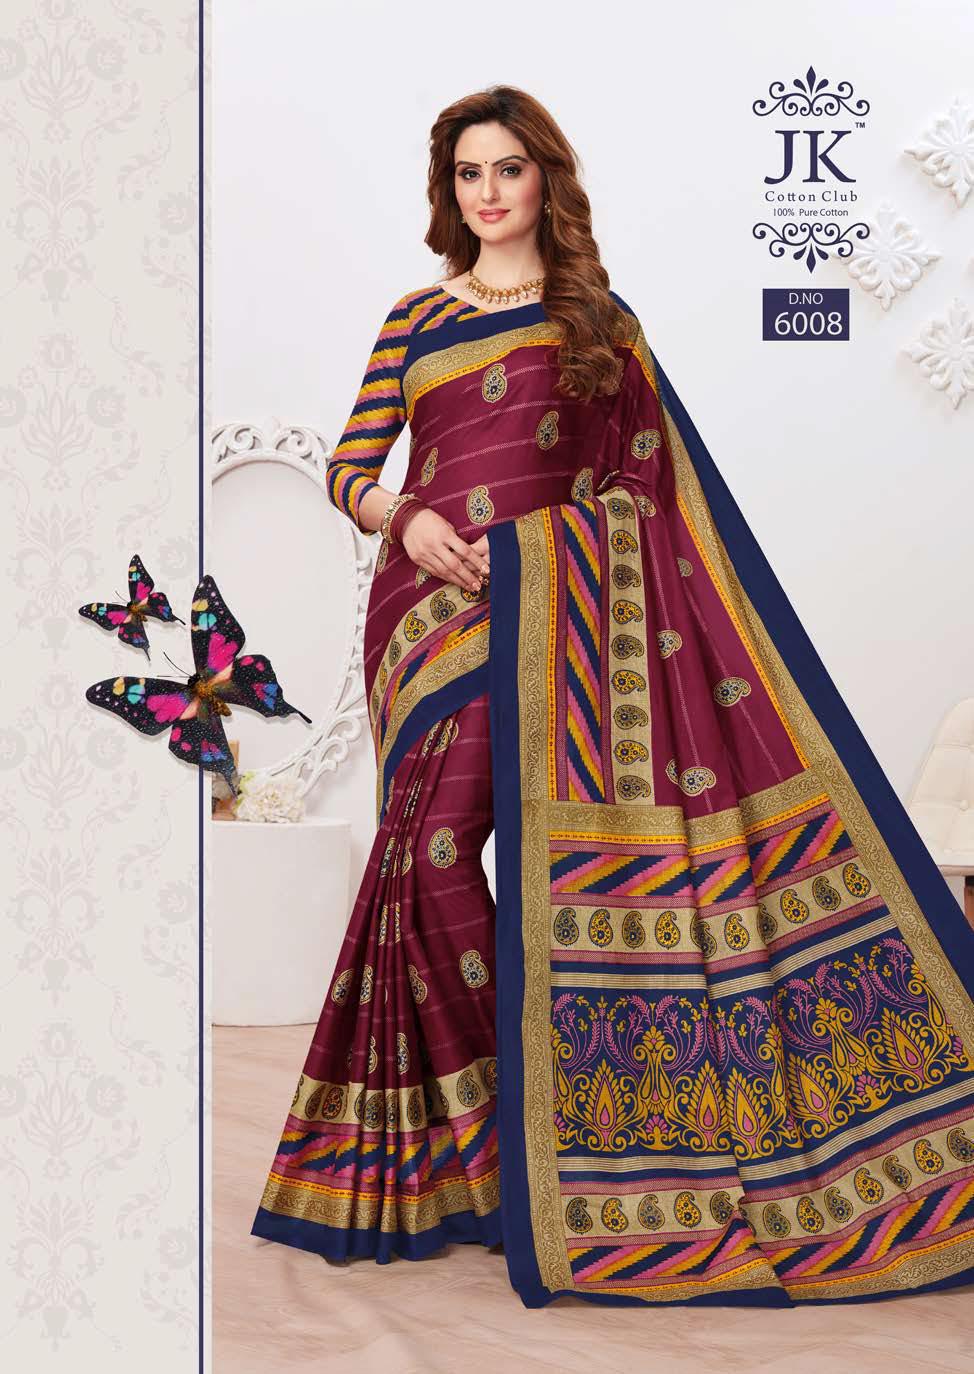 JK Tulsi Vol 6 B Saree Sari Wholesale Catalog 10 Pcs 5 - JK Tulsi Vol 6 B Saree Sari Wholesale Catalog 10 Pcs